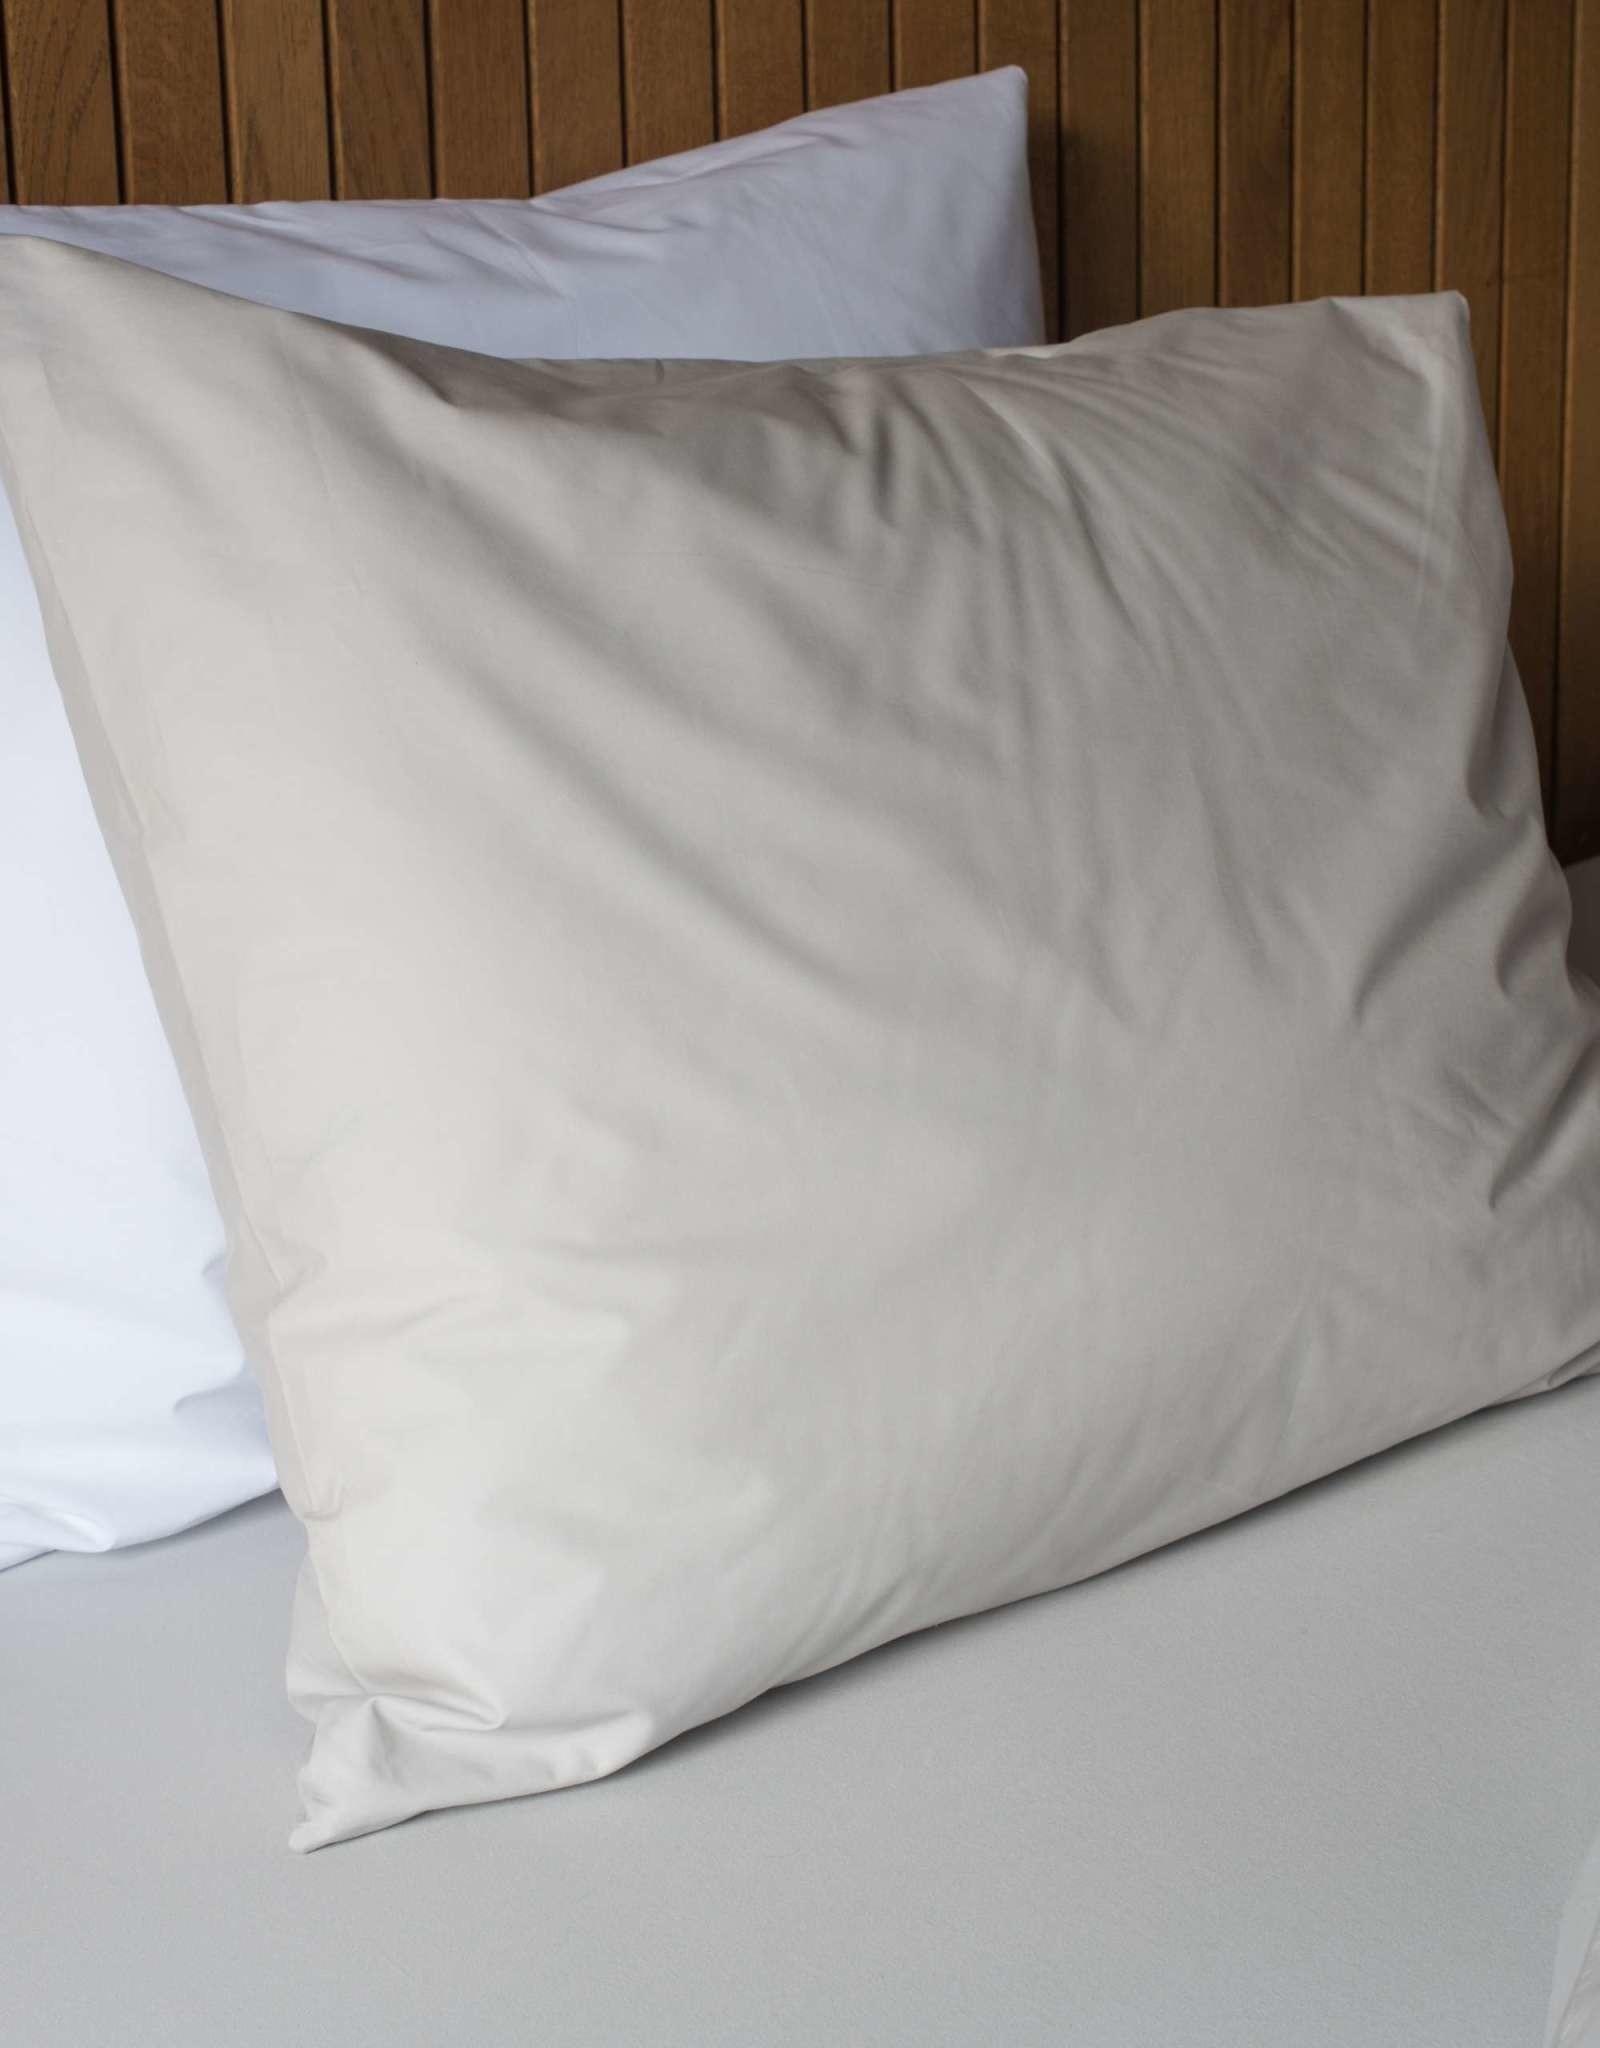 Snurk Snurk -  Hoeslaken - Fitgrey 180/200